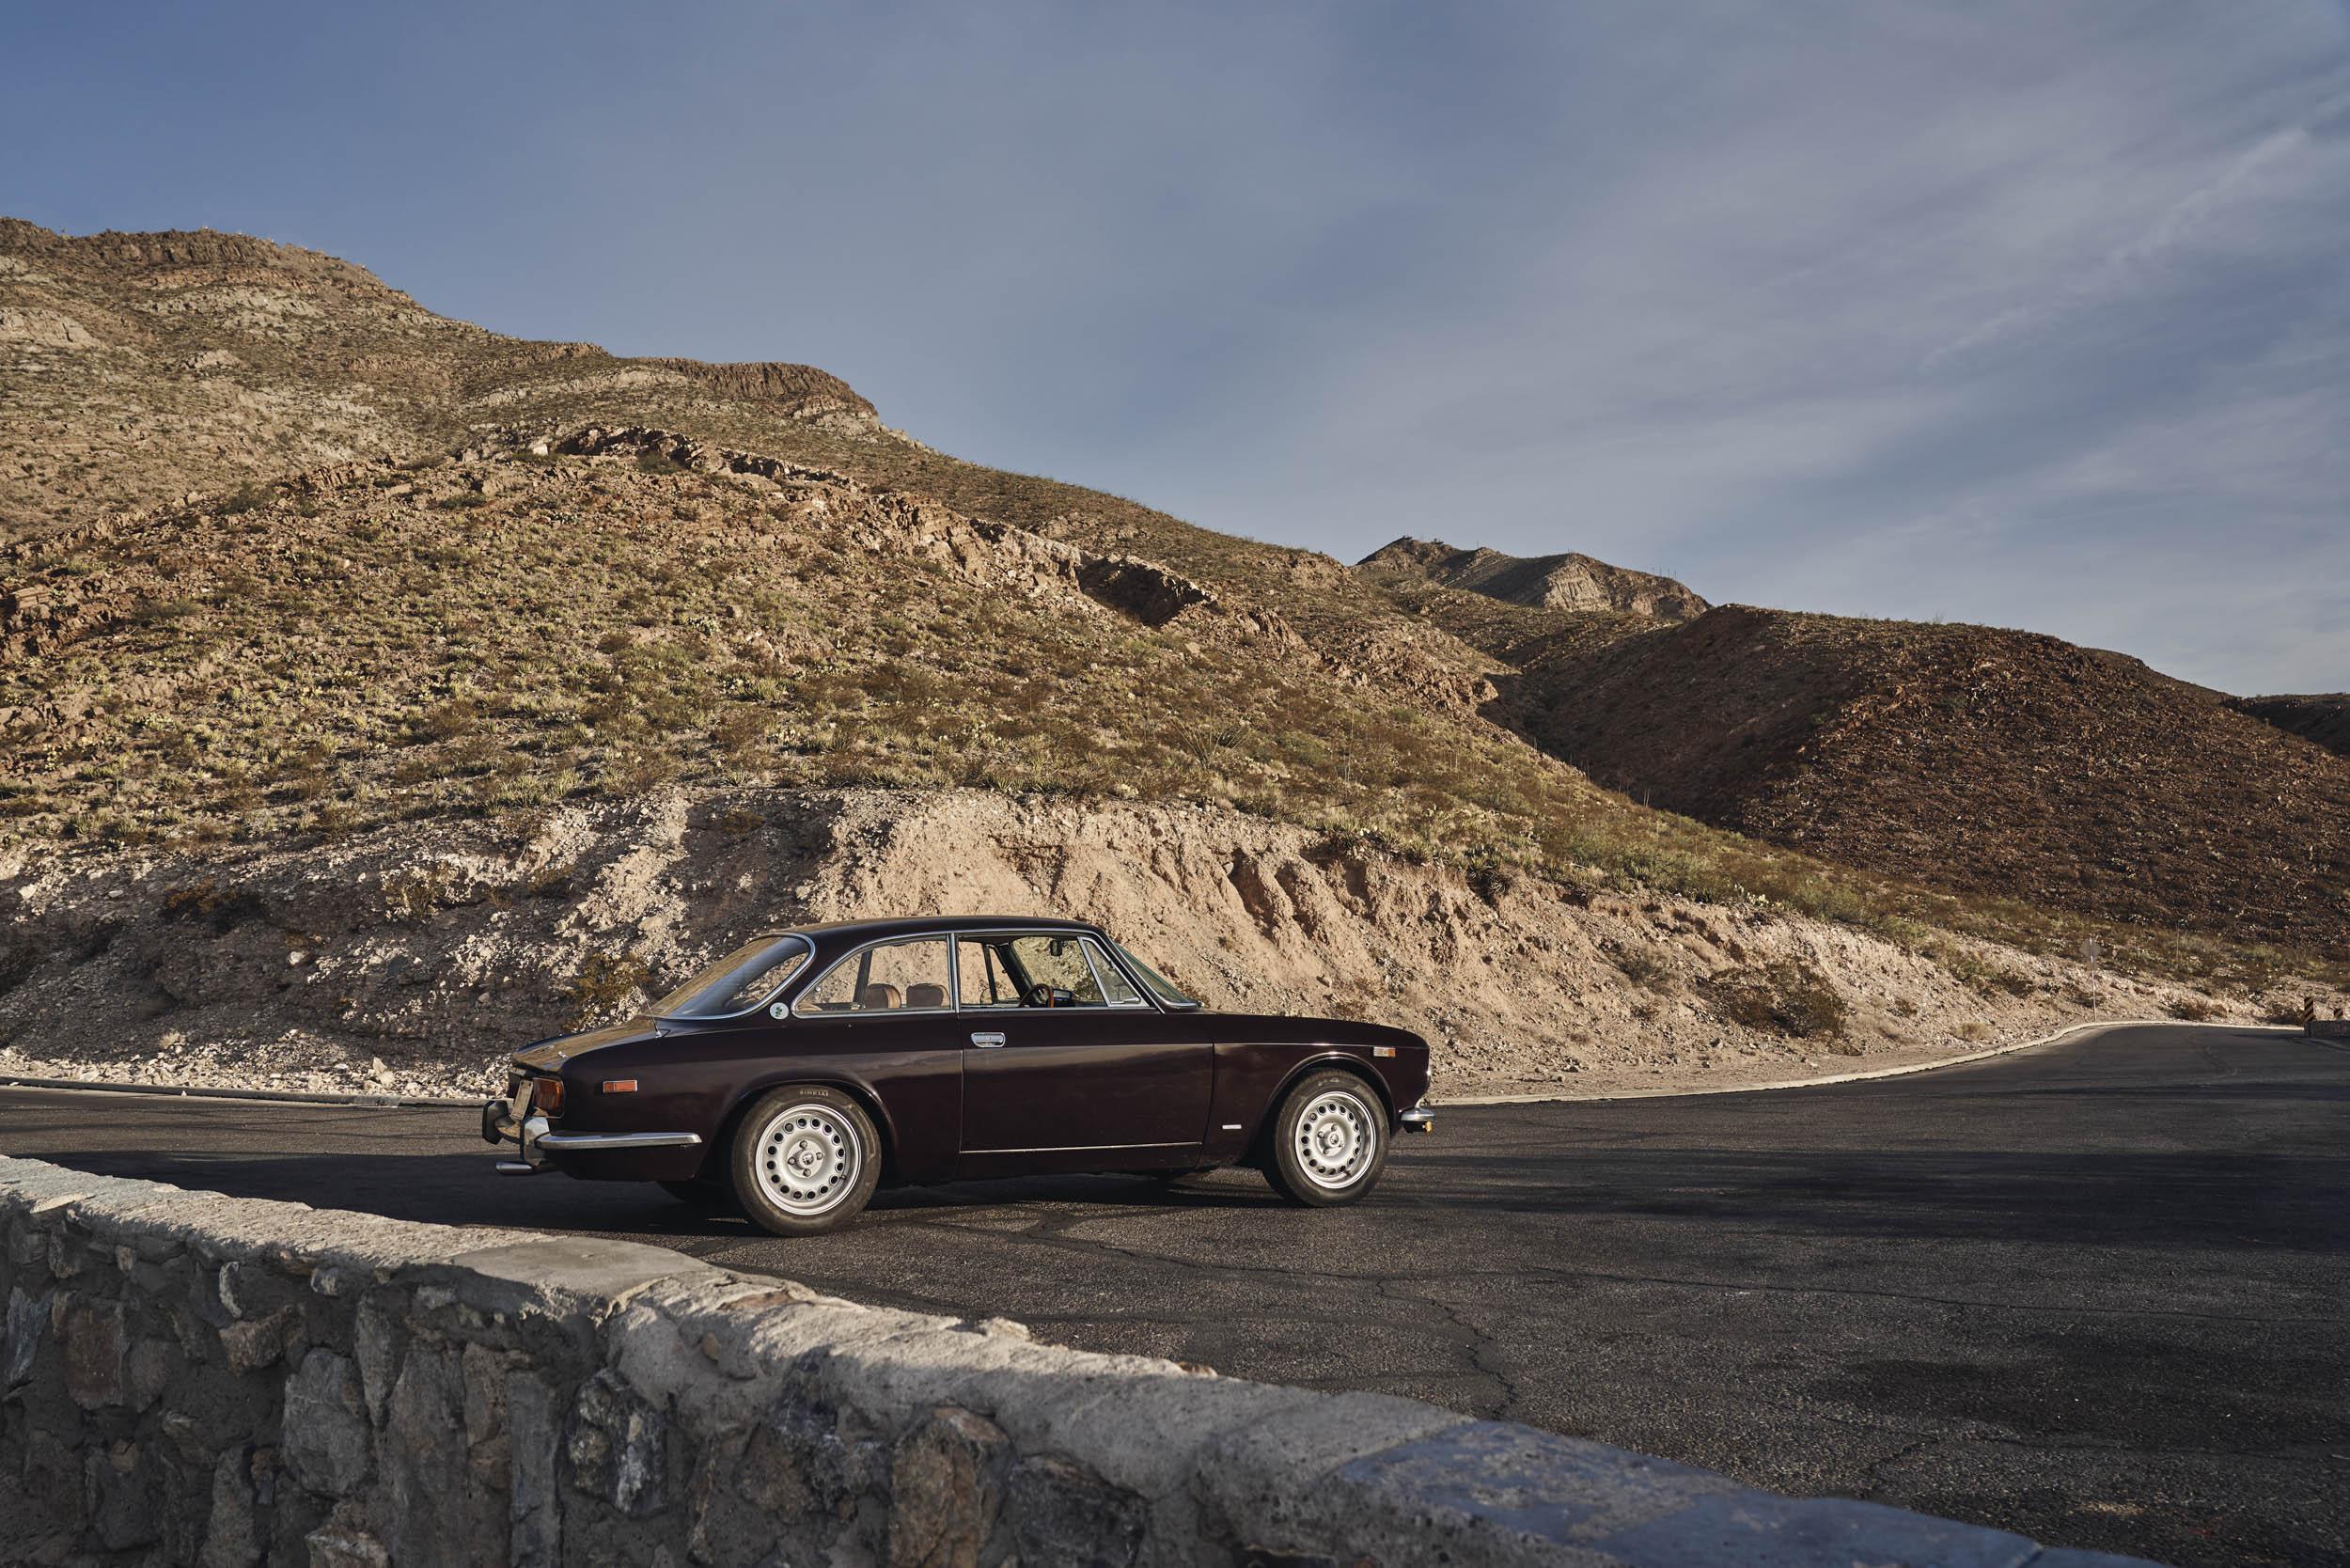 1974 Alfa Romeo GTV 2000 profile in the mountains